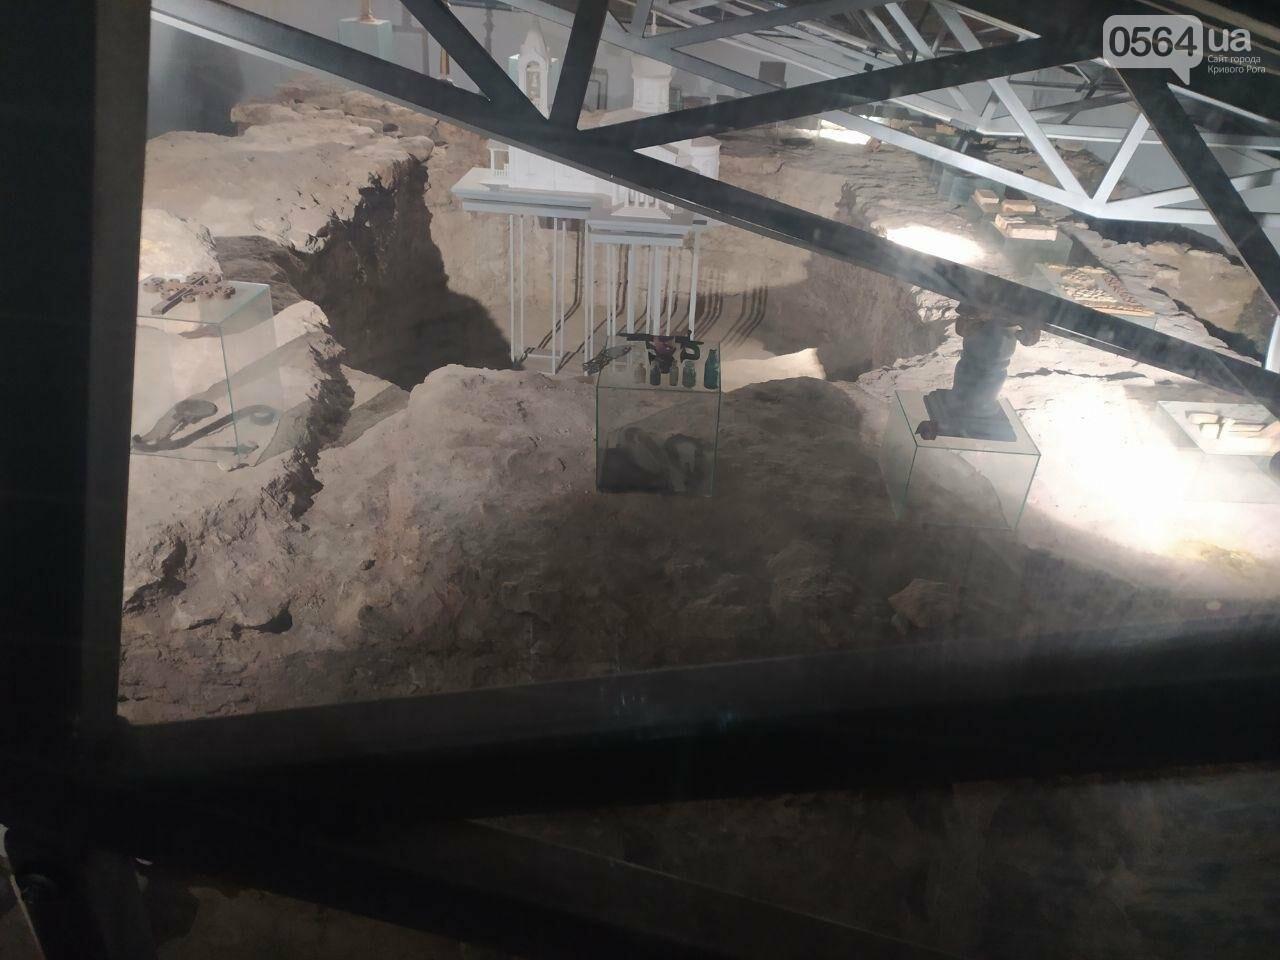 Информация о краже из музейной экспозиции в Кривом Роге в полицию не поступала. Правоохранители начали проверку, - ФОТО, фото-9